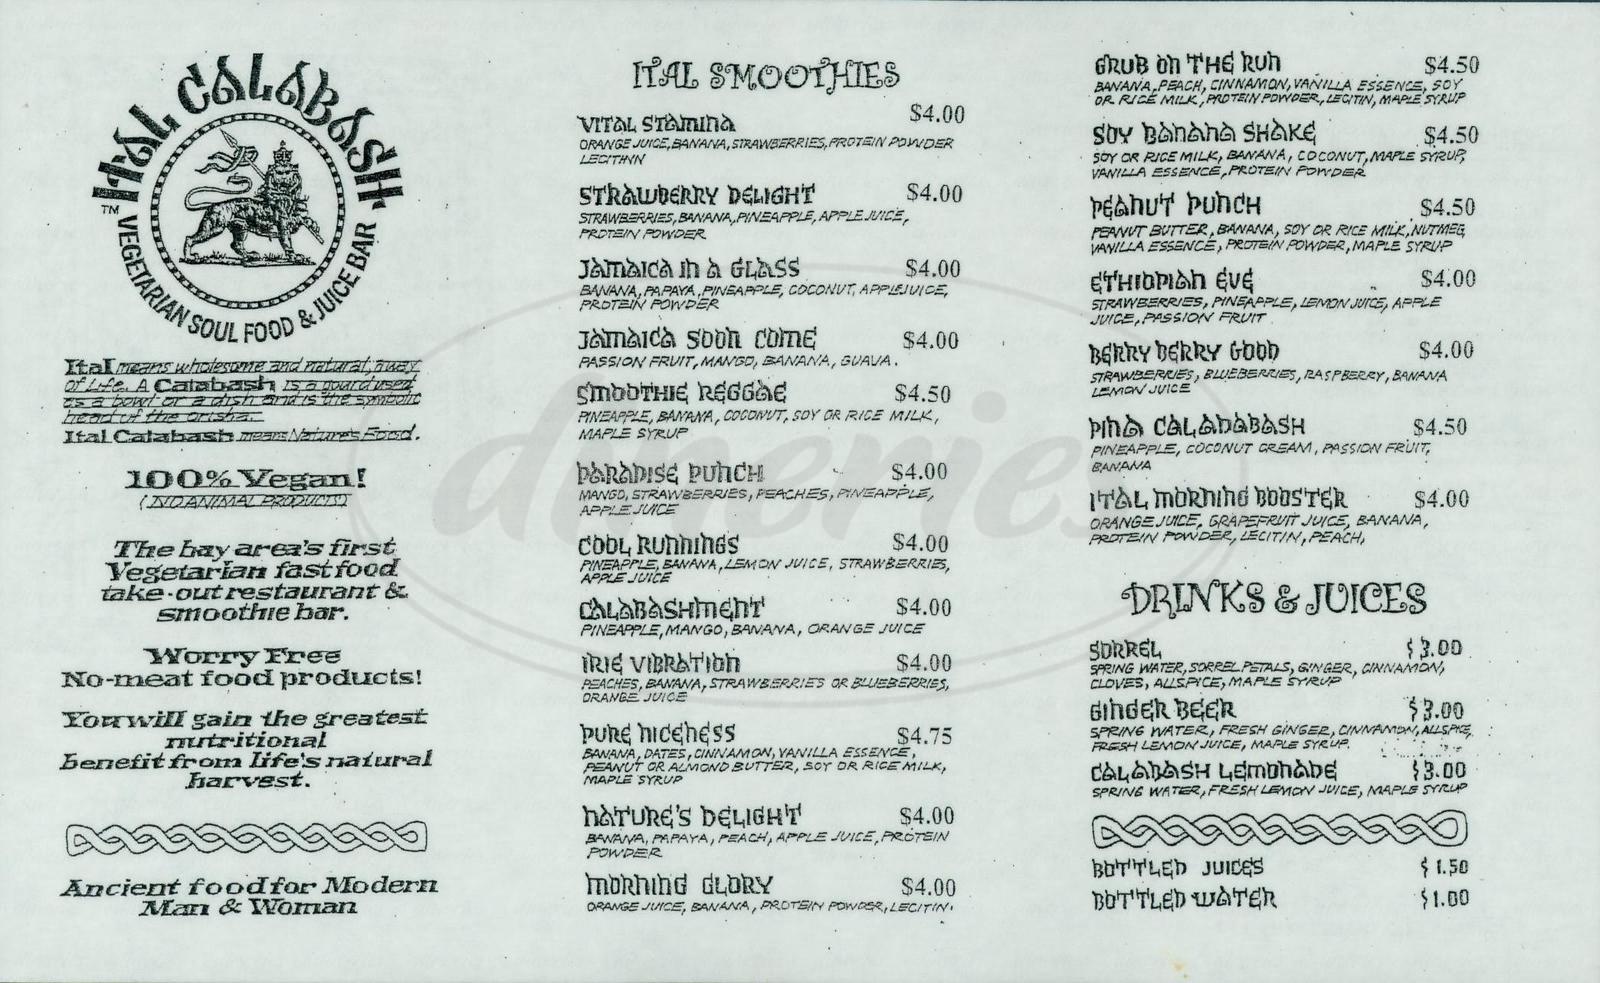 menu for Ital Calabash